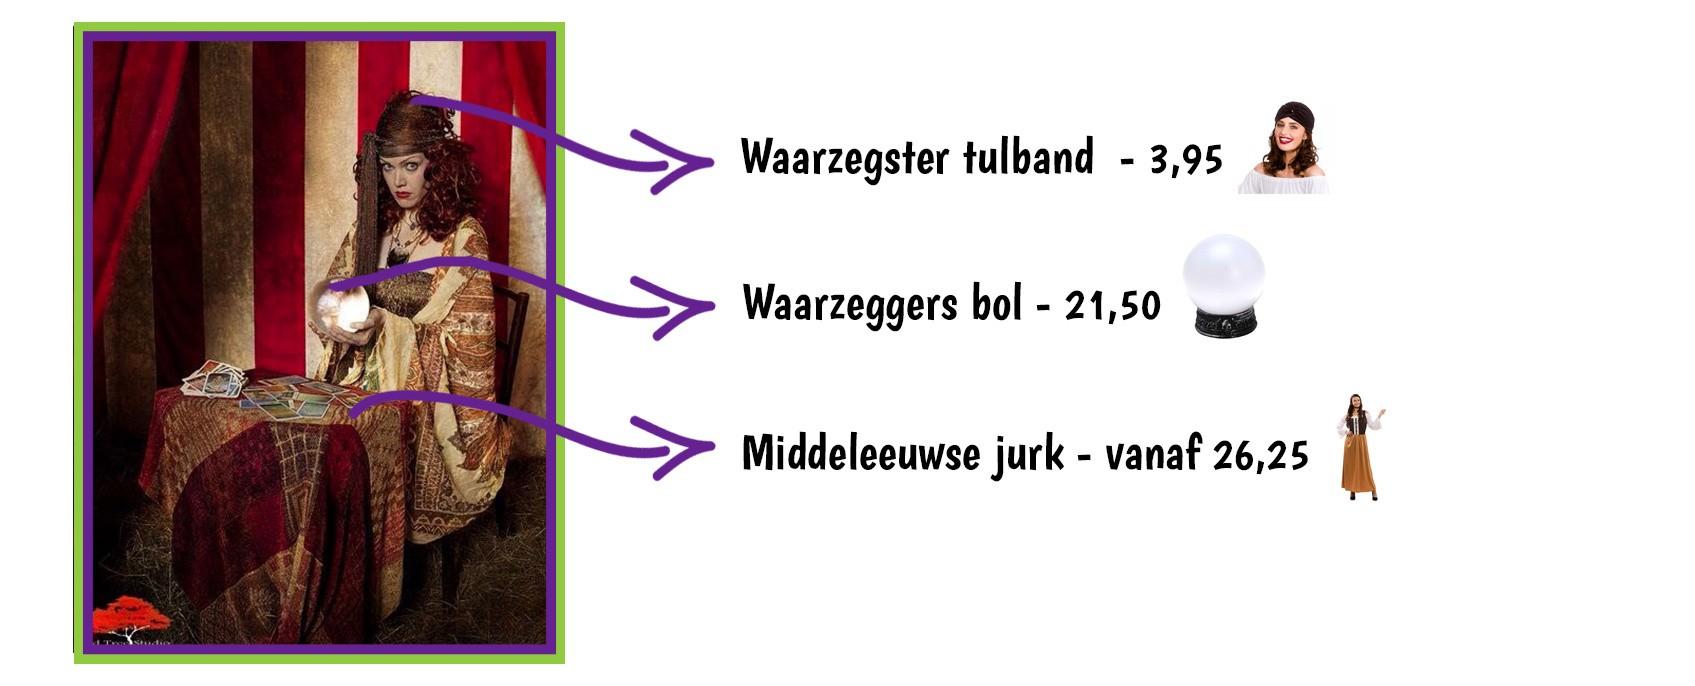 9417309350-CoenSander_waarzegster.jpg